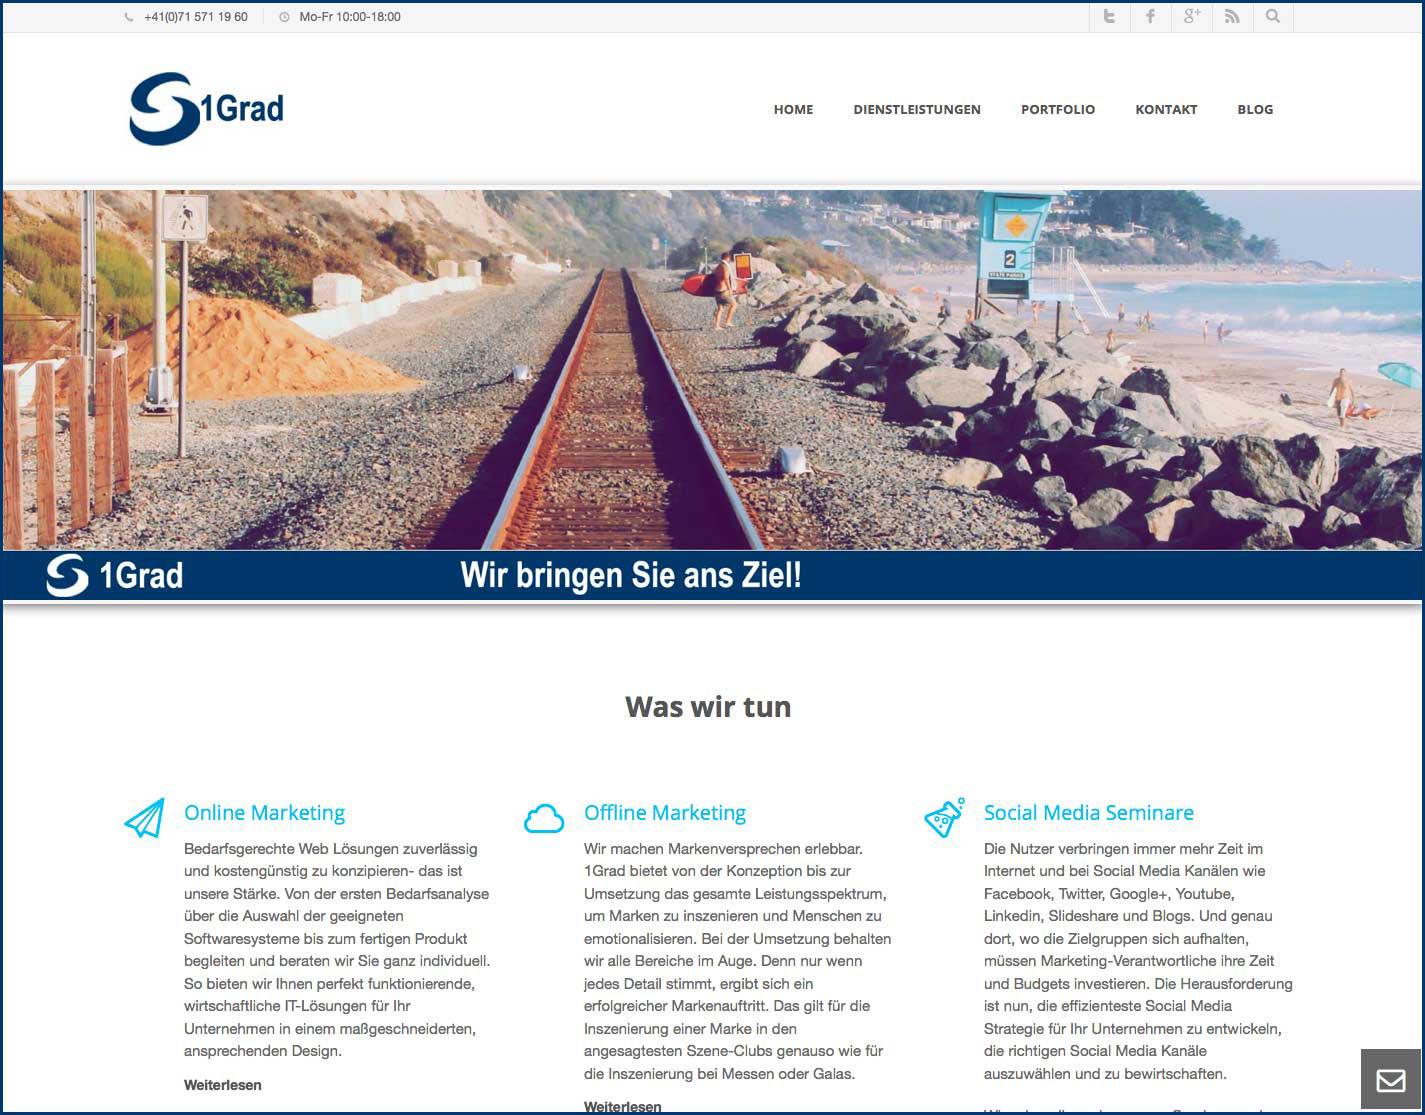 Alte 1Grad Webseite - vor dem Redesign